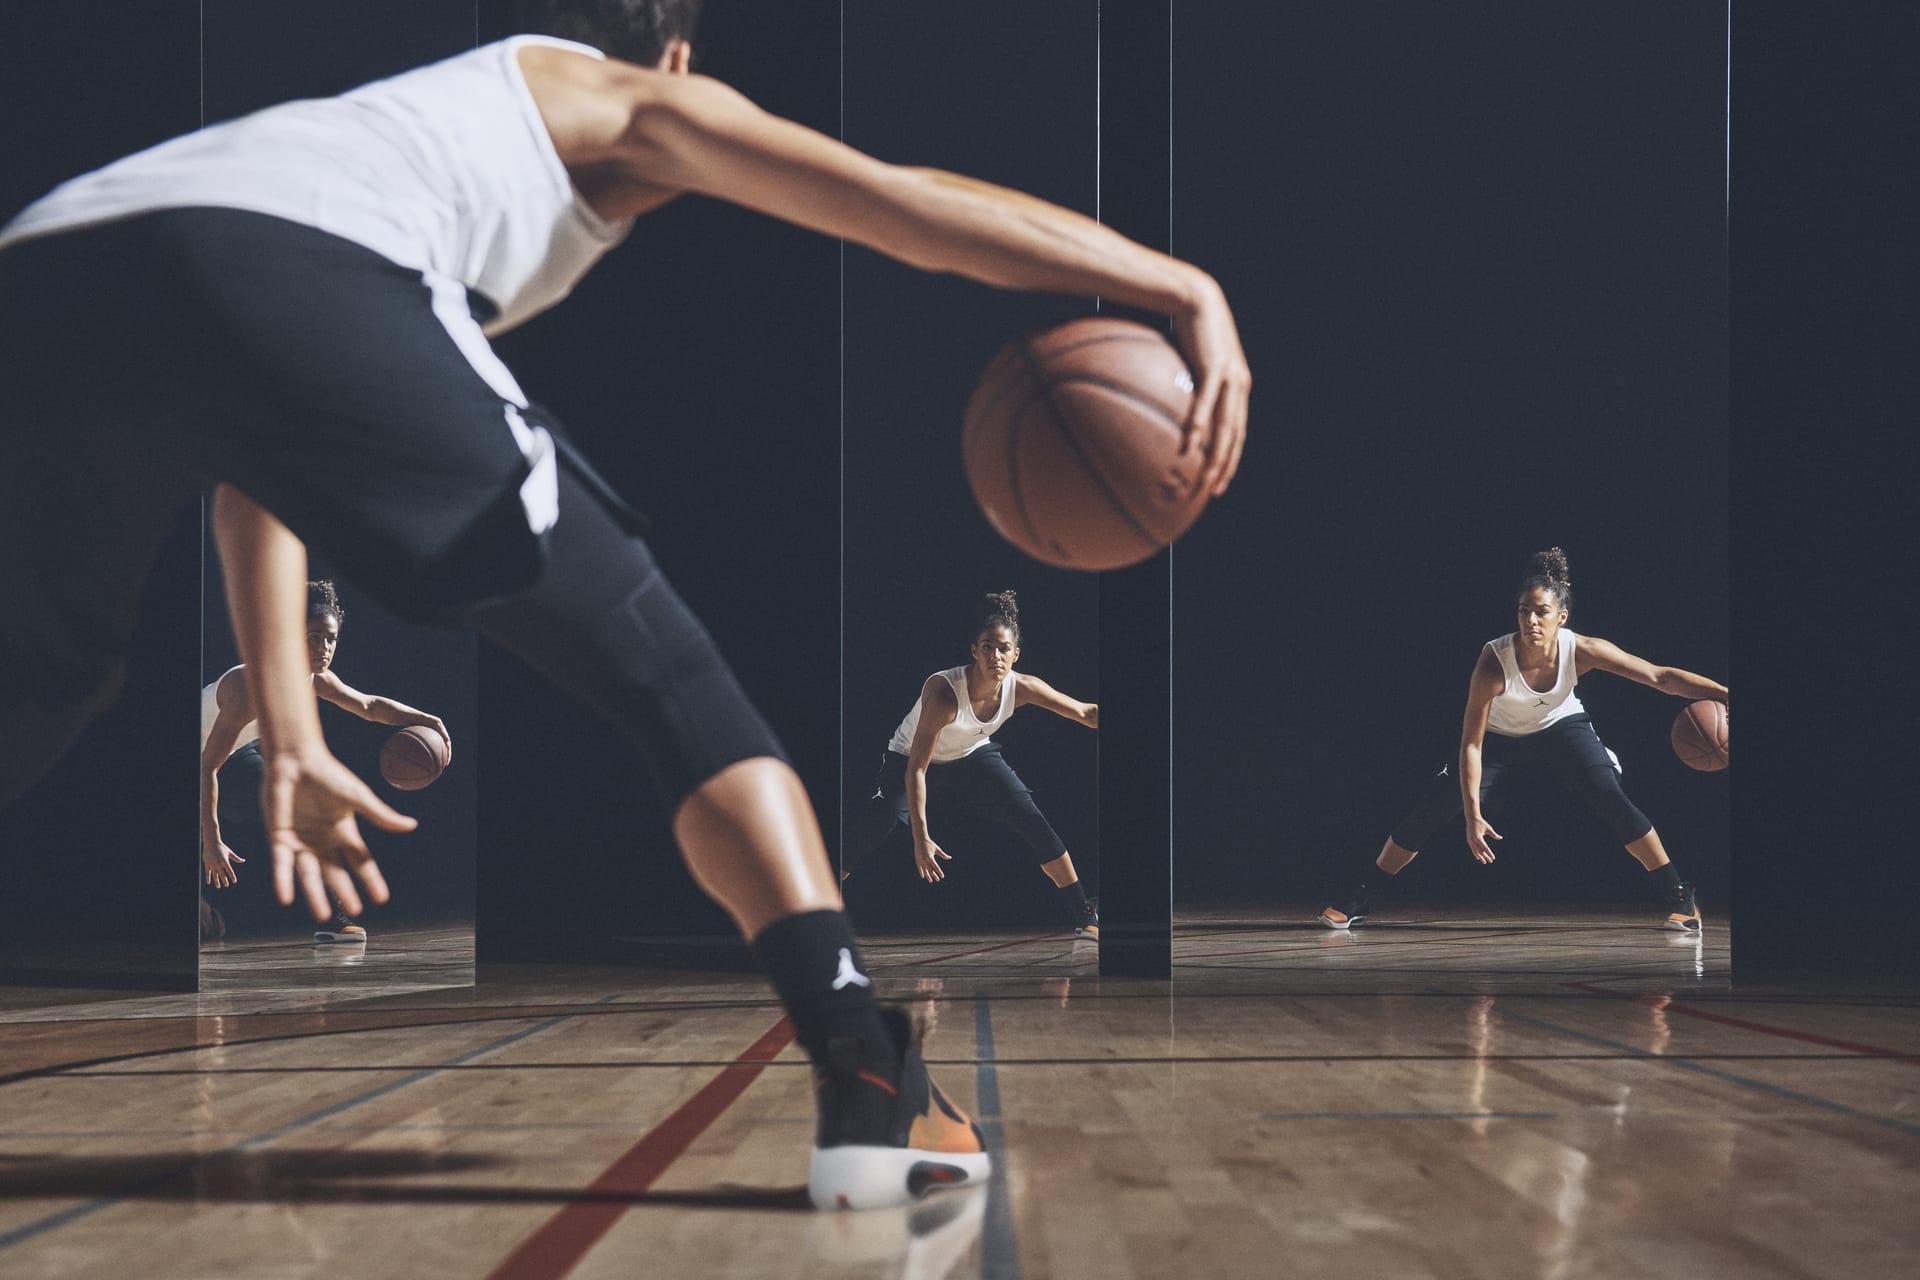 Wat is het Reuse-A-Shoe programma van Nike? | Nike Help